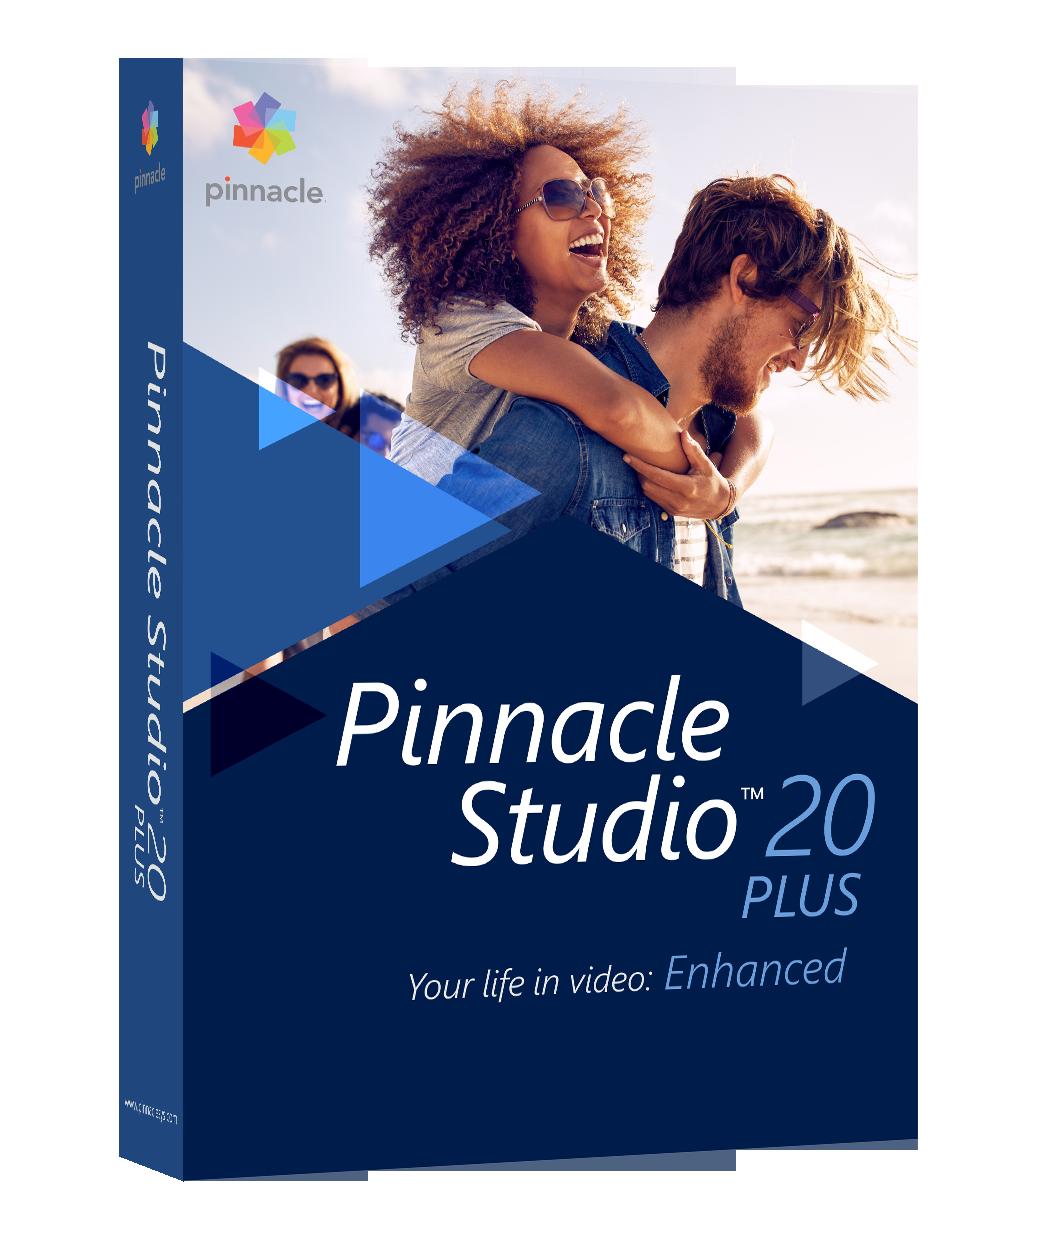 Pinnacle Studio Plus 20